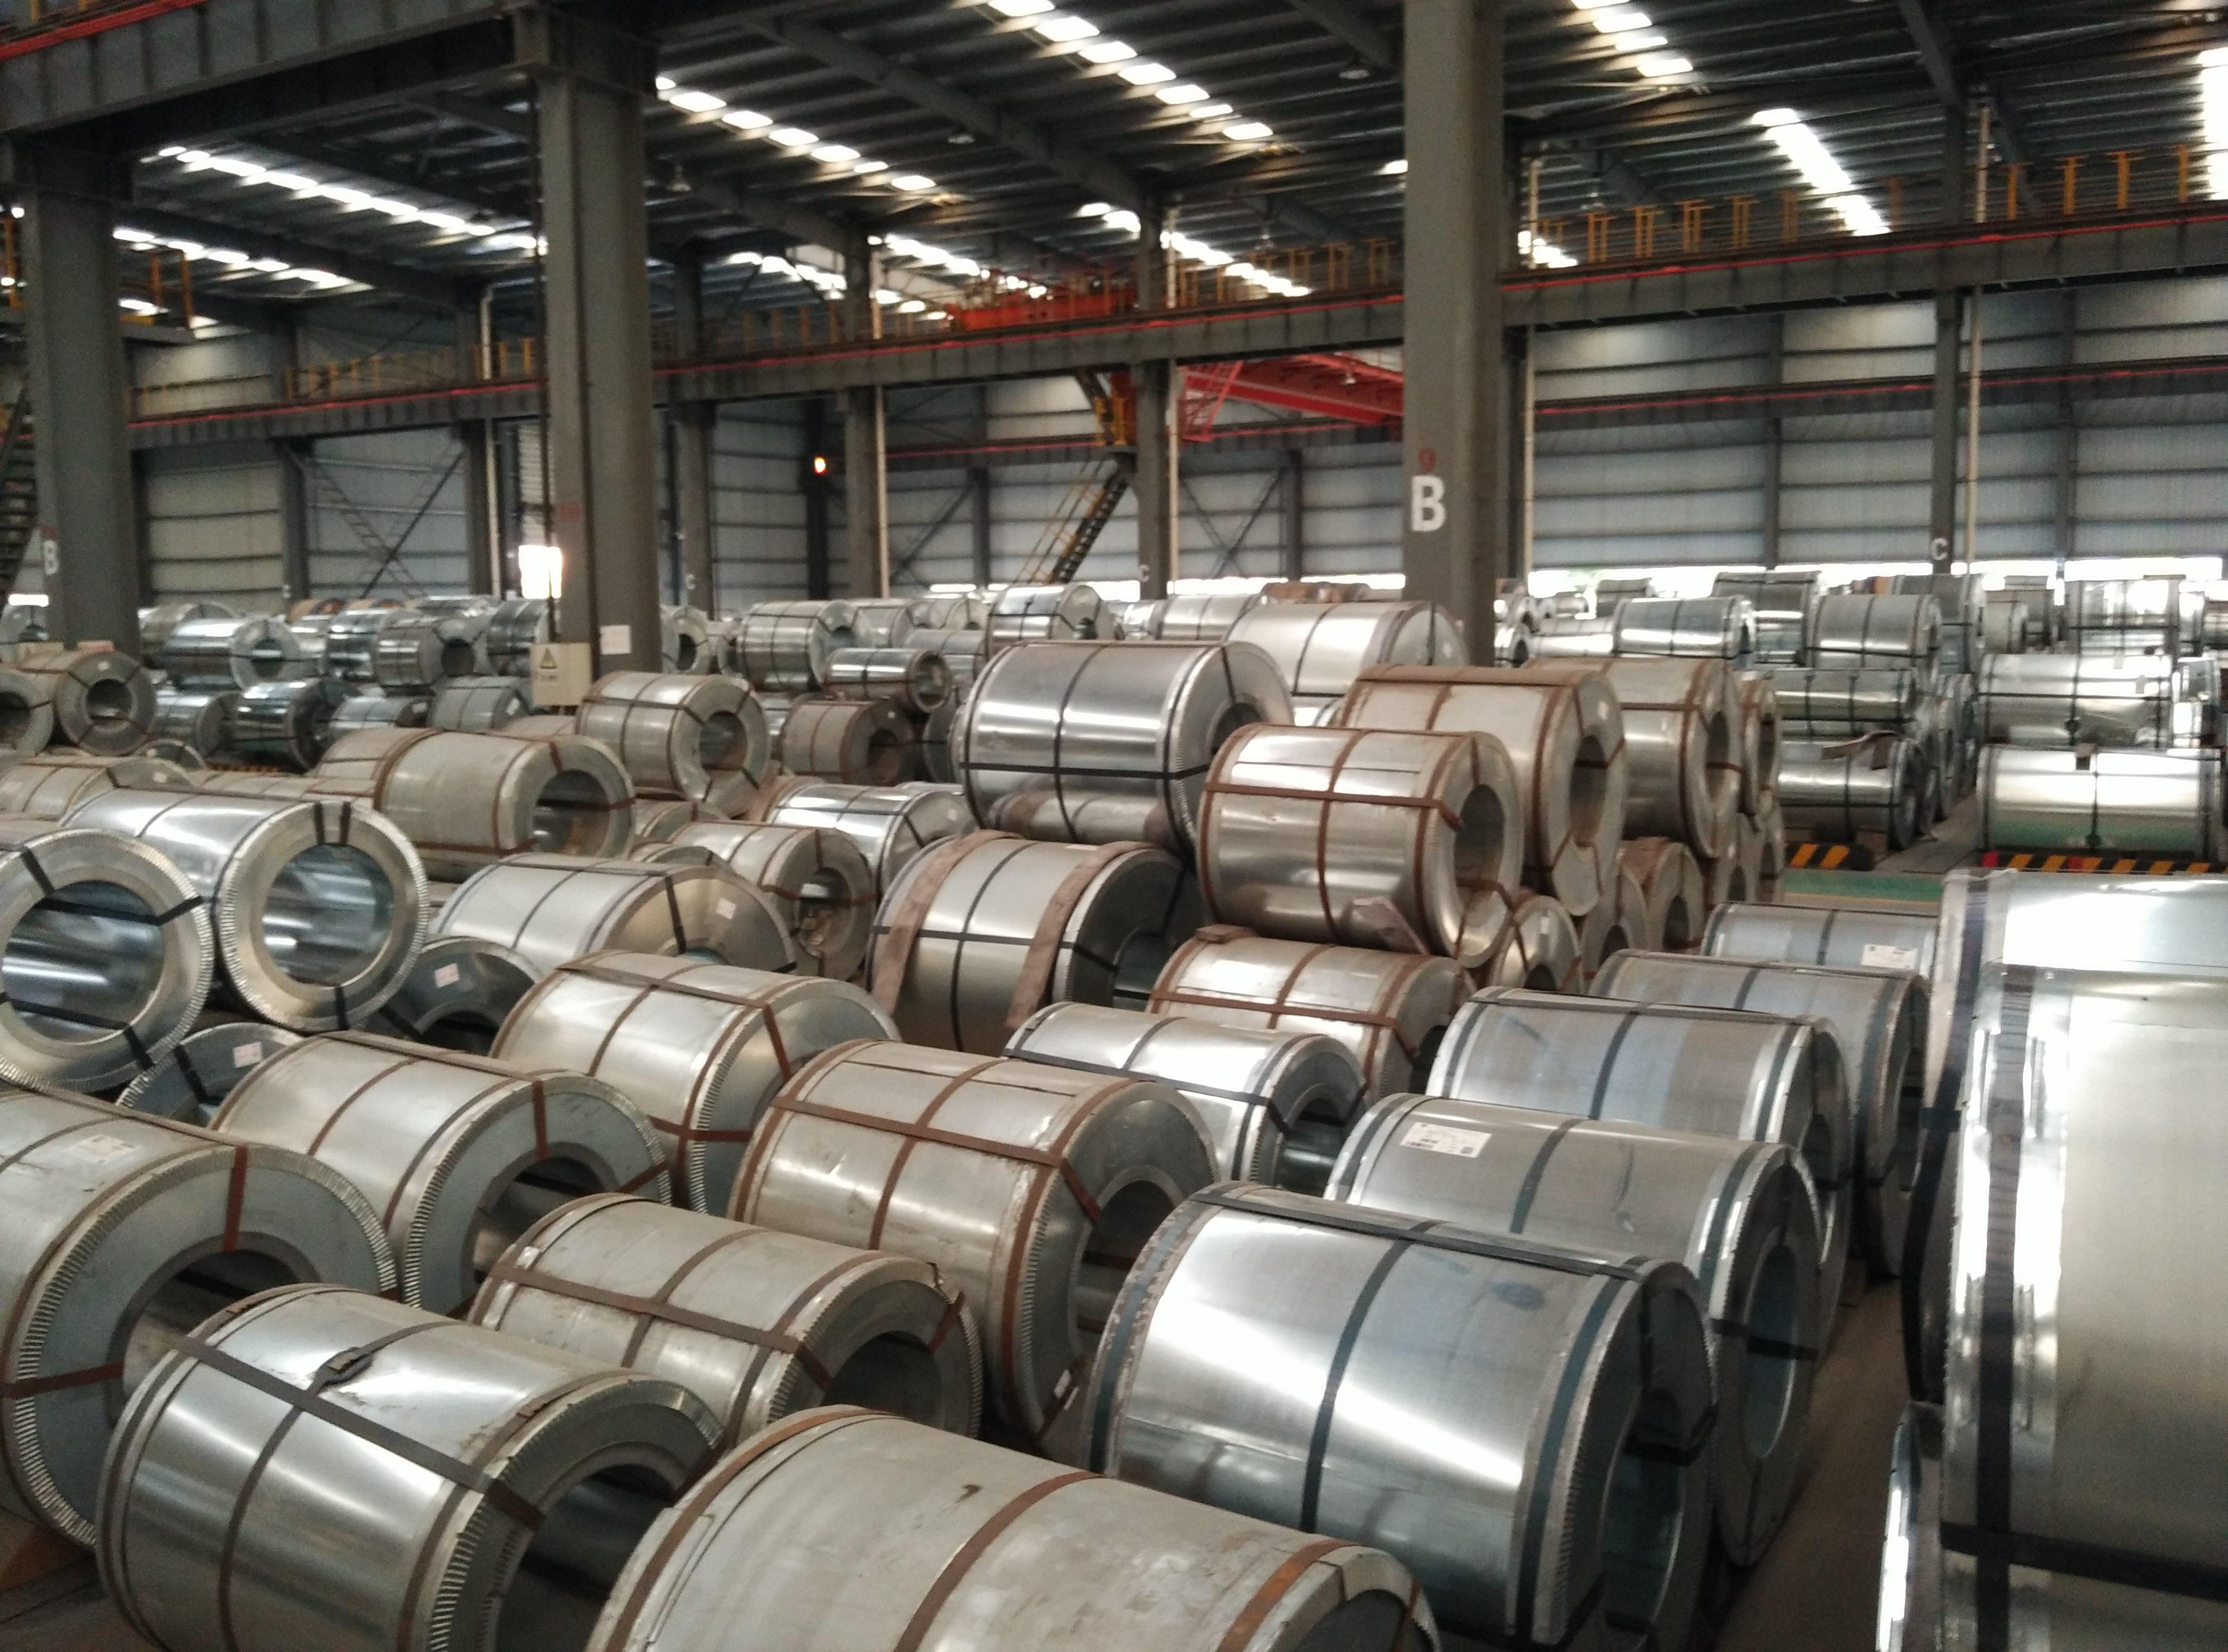 武汉热卷板厂家 -武汉热卷板厂家直销-武汉热卷板价格-武汉热卷板规格供应-武汉哪里有优质热卷板供货商